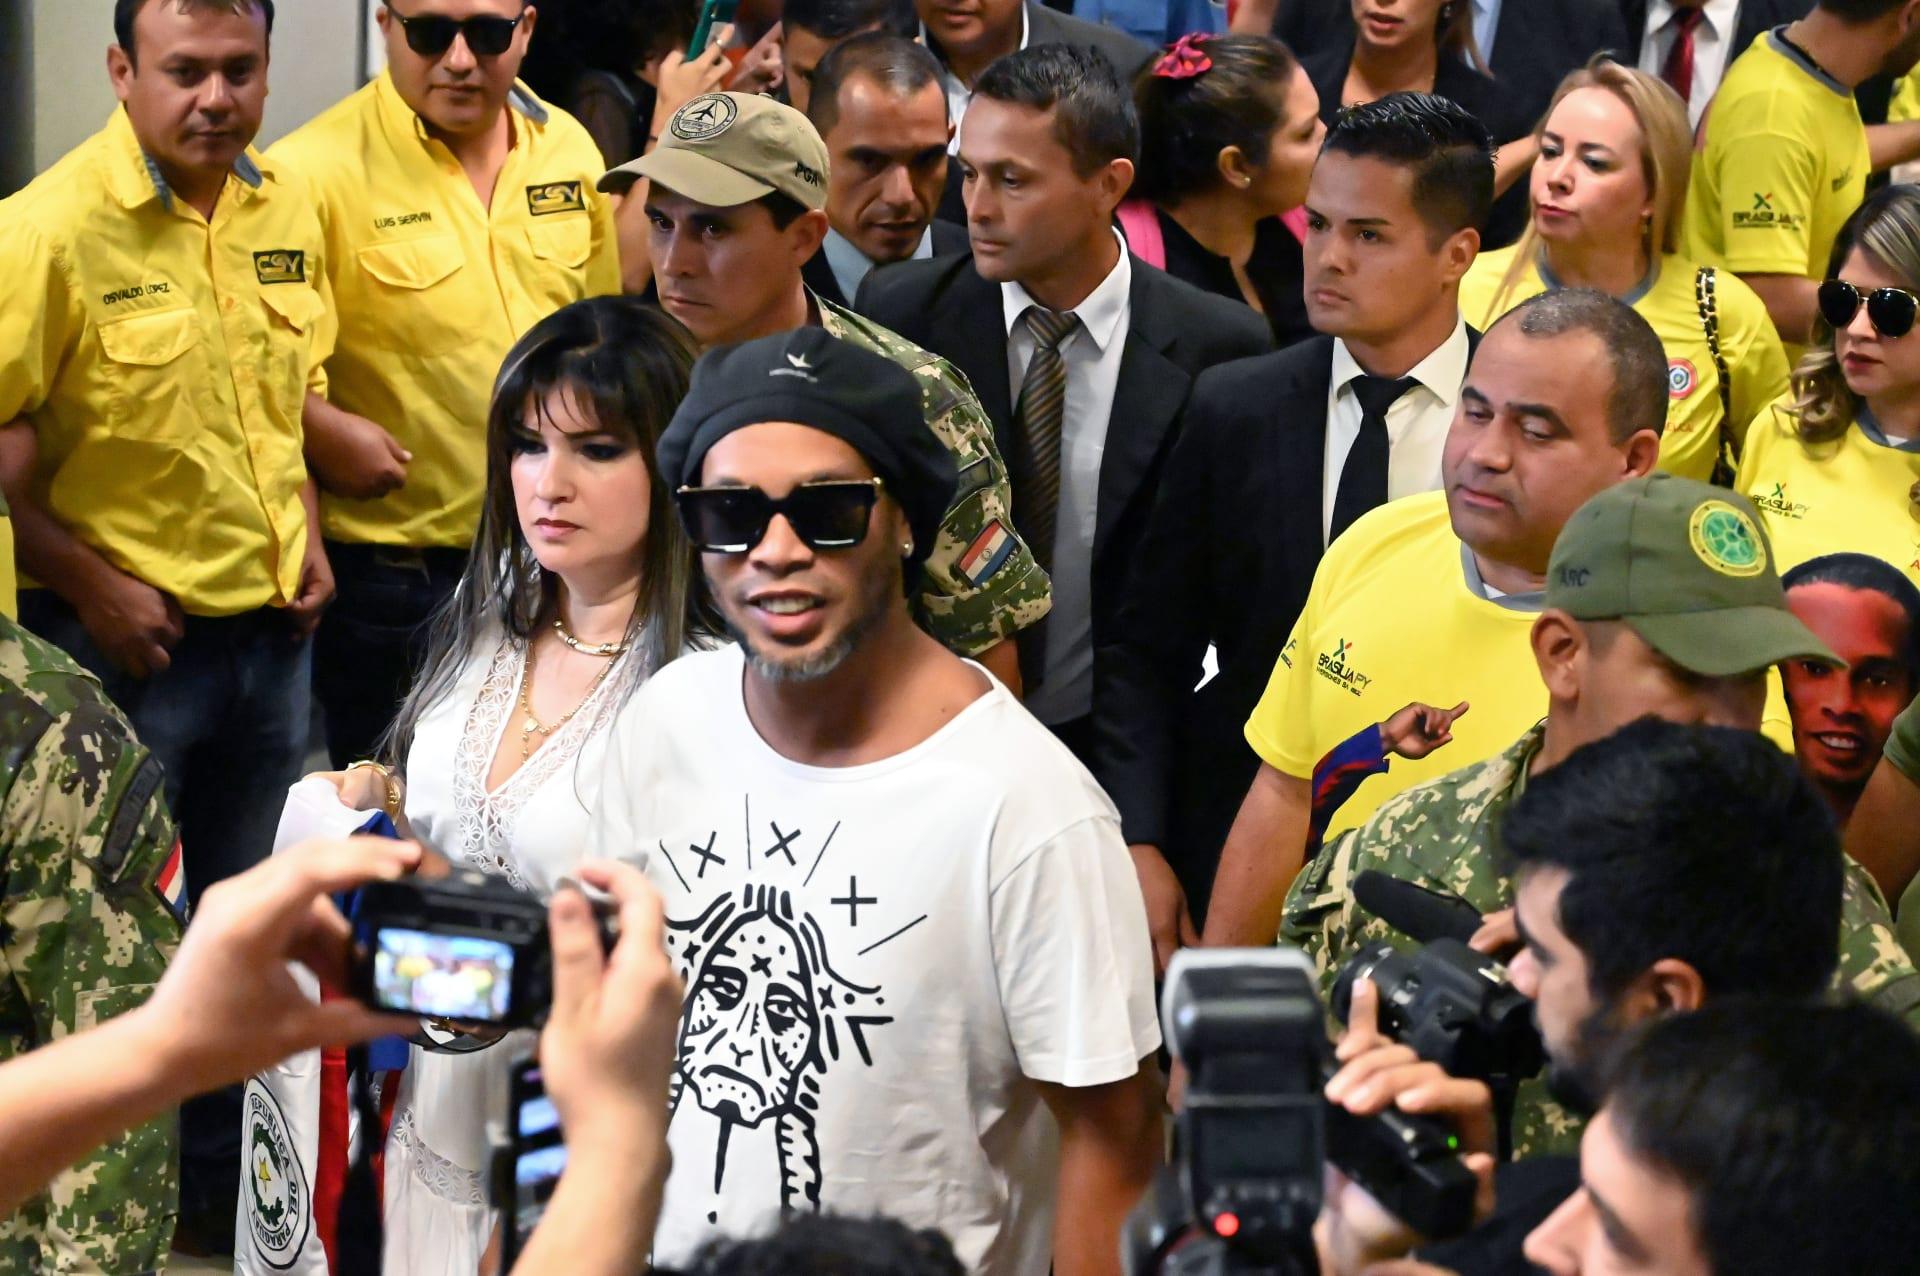 وضع النجم البرازيلي رونالدينيو وشقيقه تحت الإقامة الجبرية في باراغواي